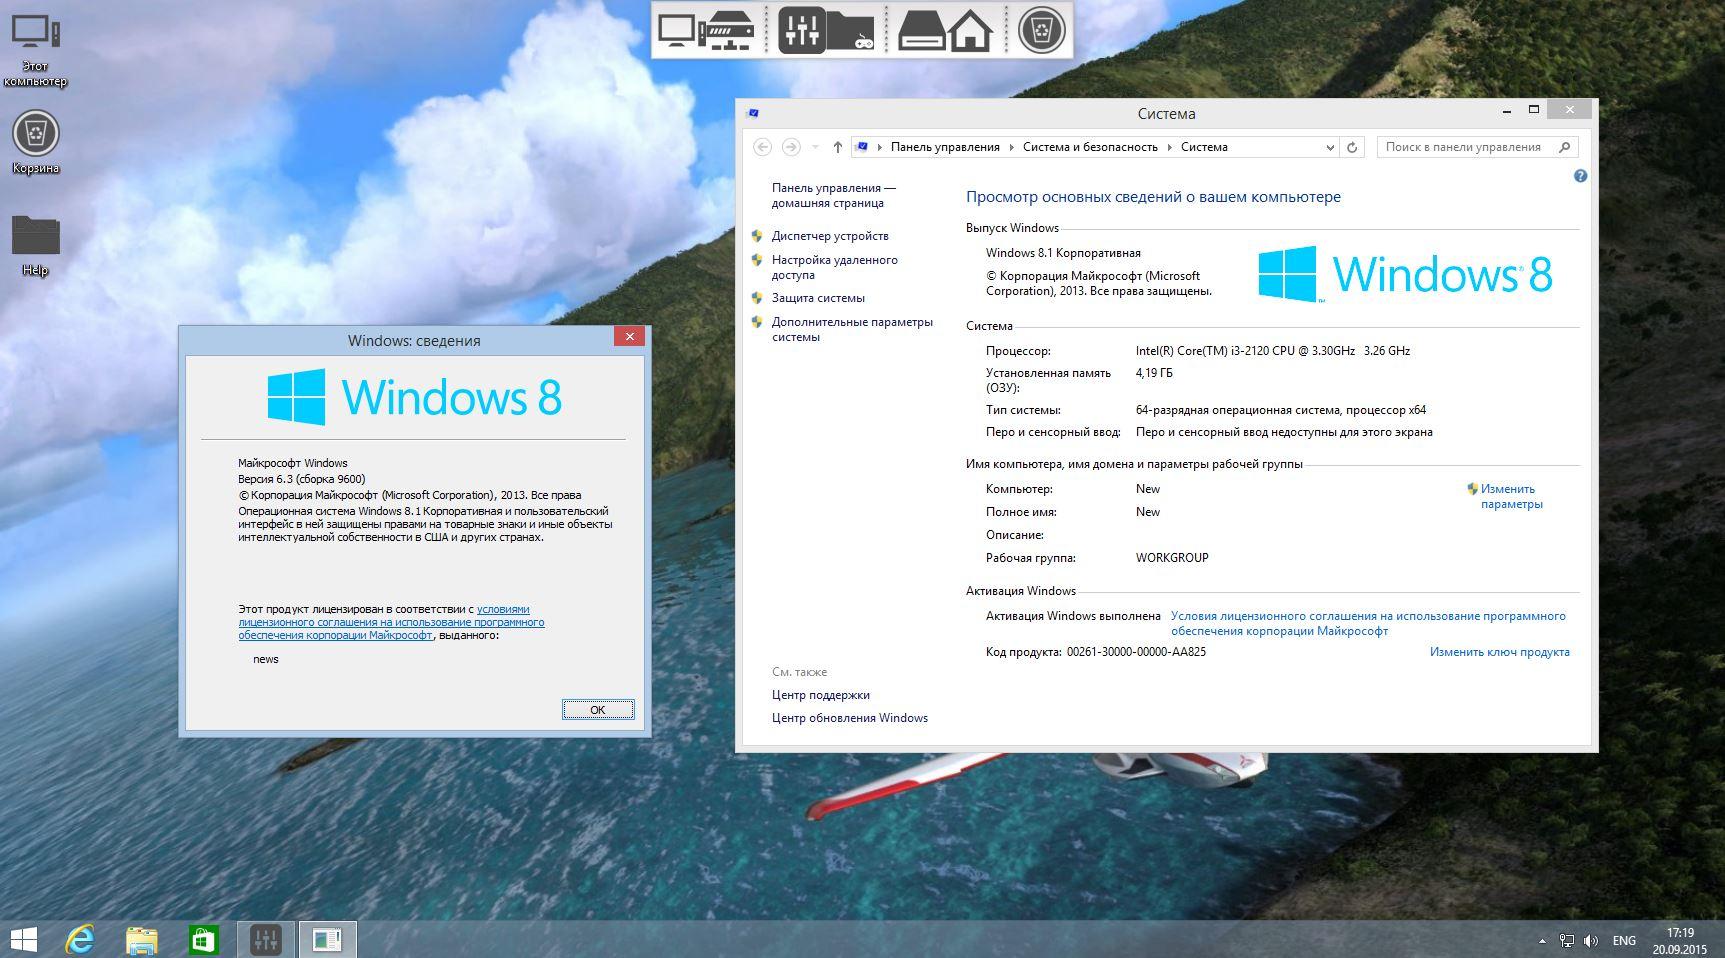 Windows 8.1 Enterprise v.60-61.15 (x86x64) Rus (2015) скачать торрент бесплатно